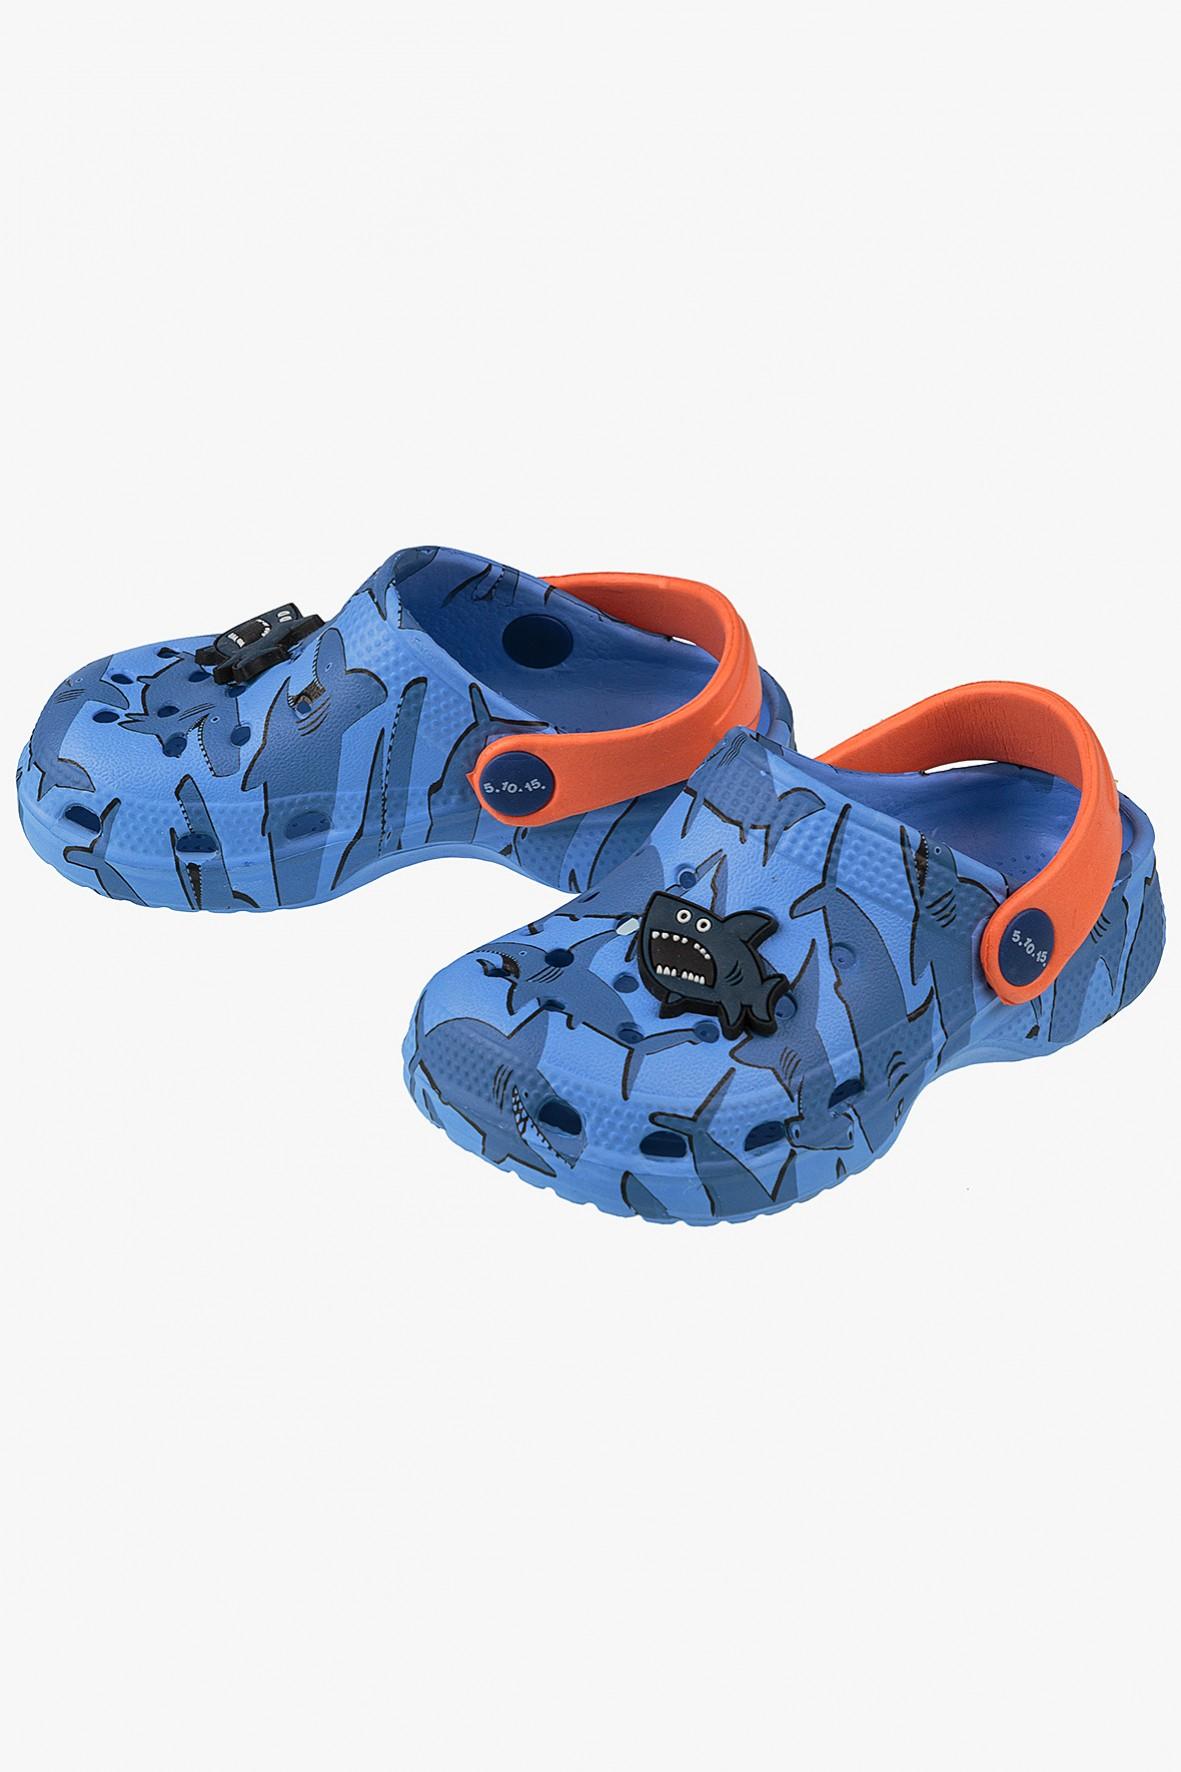 Sandały ogrodowe dla chłopca- niebieskie z rekinem